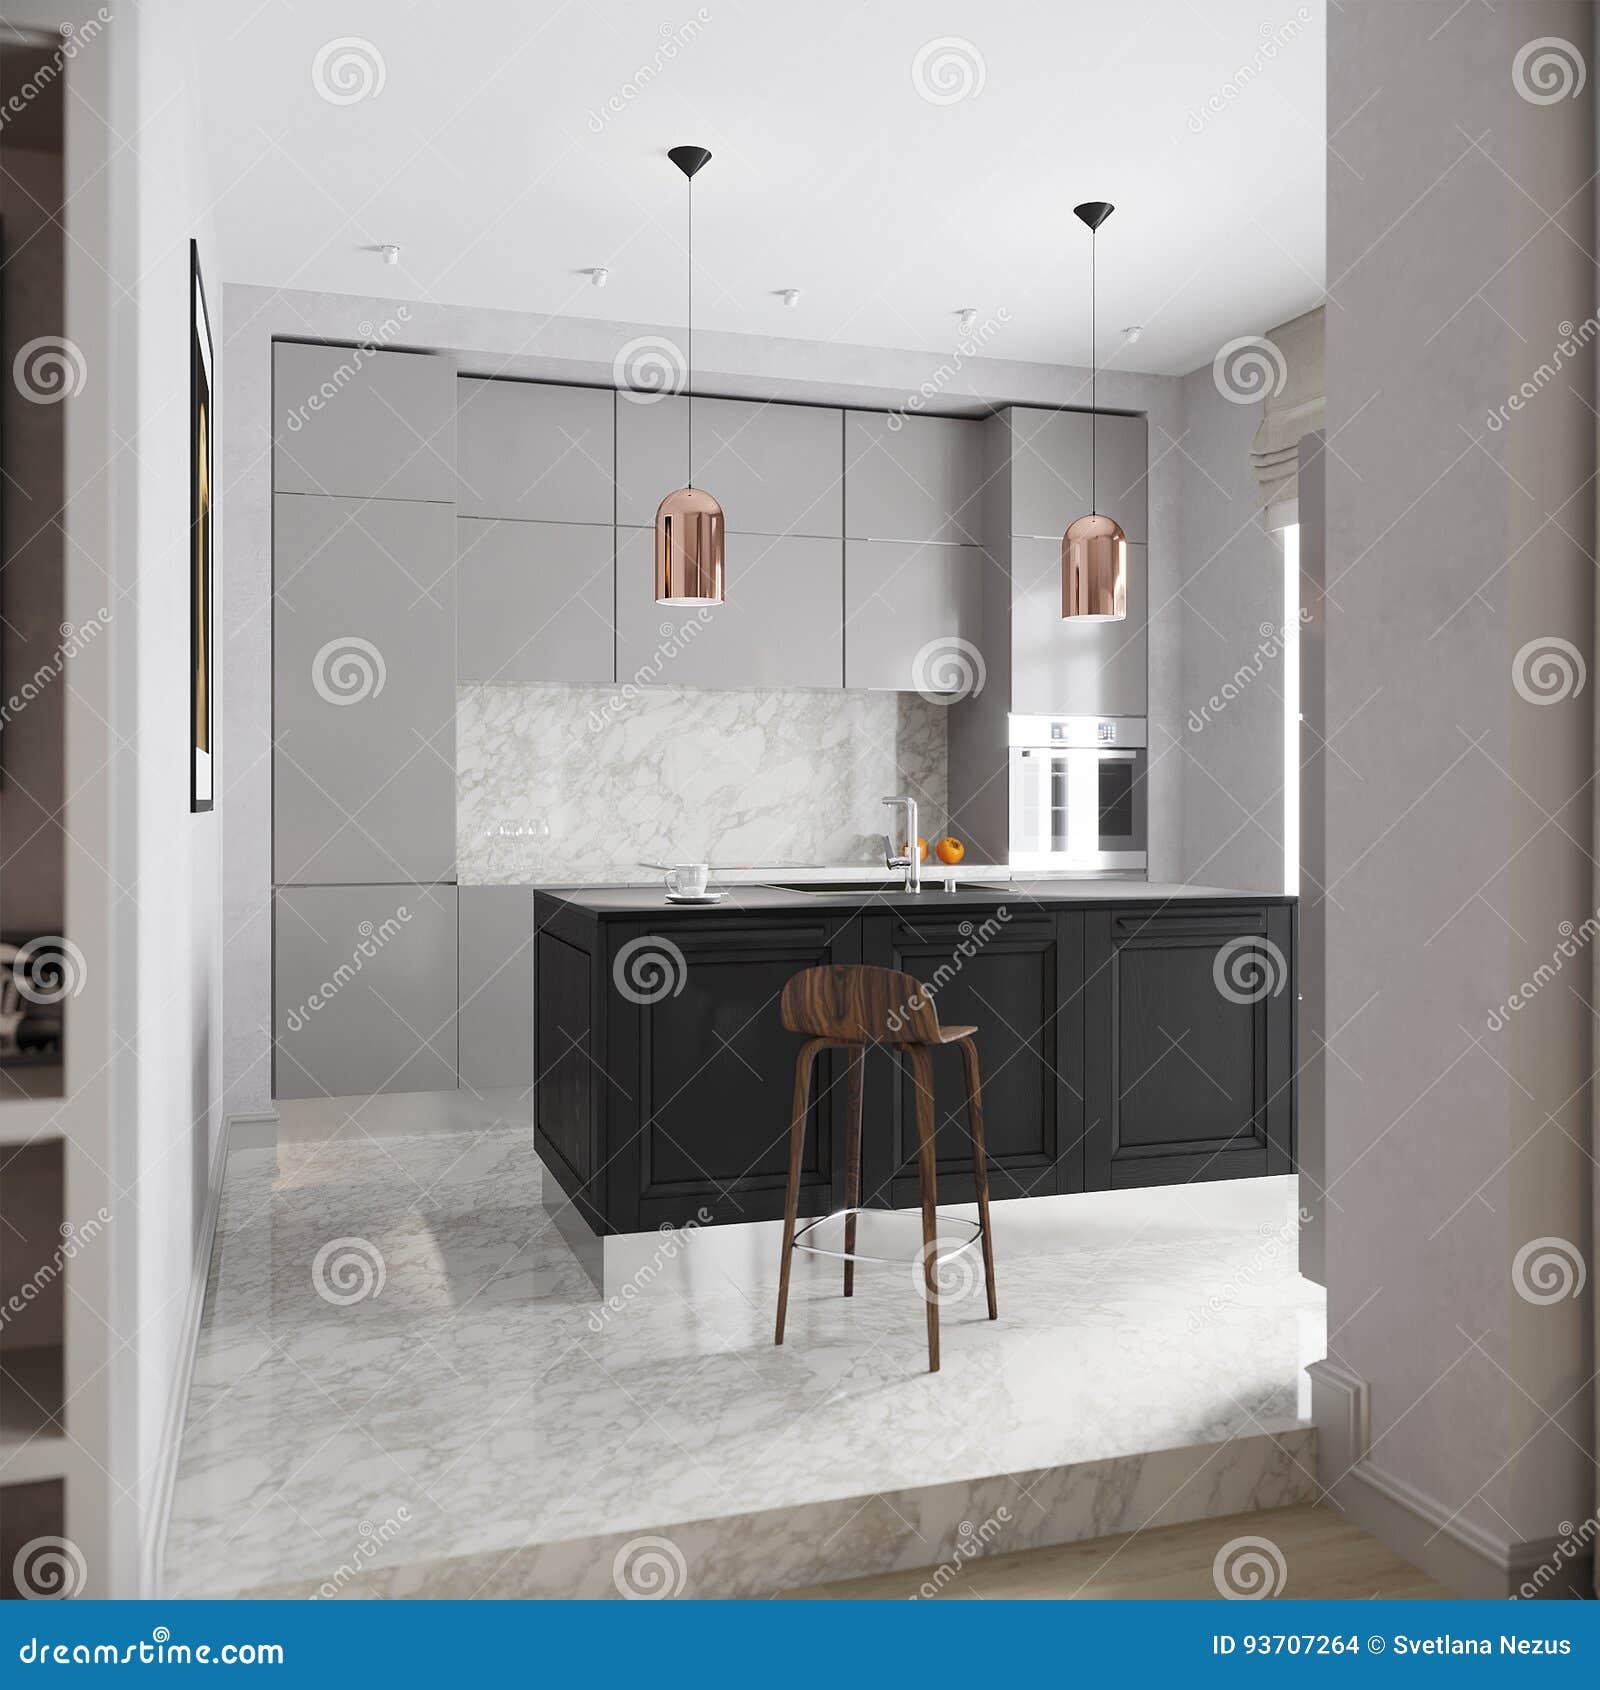 Σύγχρονο αστικό σύγχρονο γκρίζο εσωτερικό κουζινών